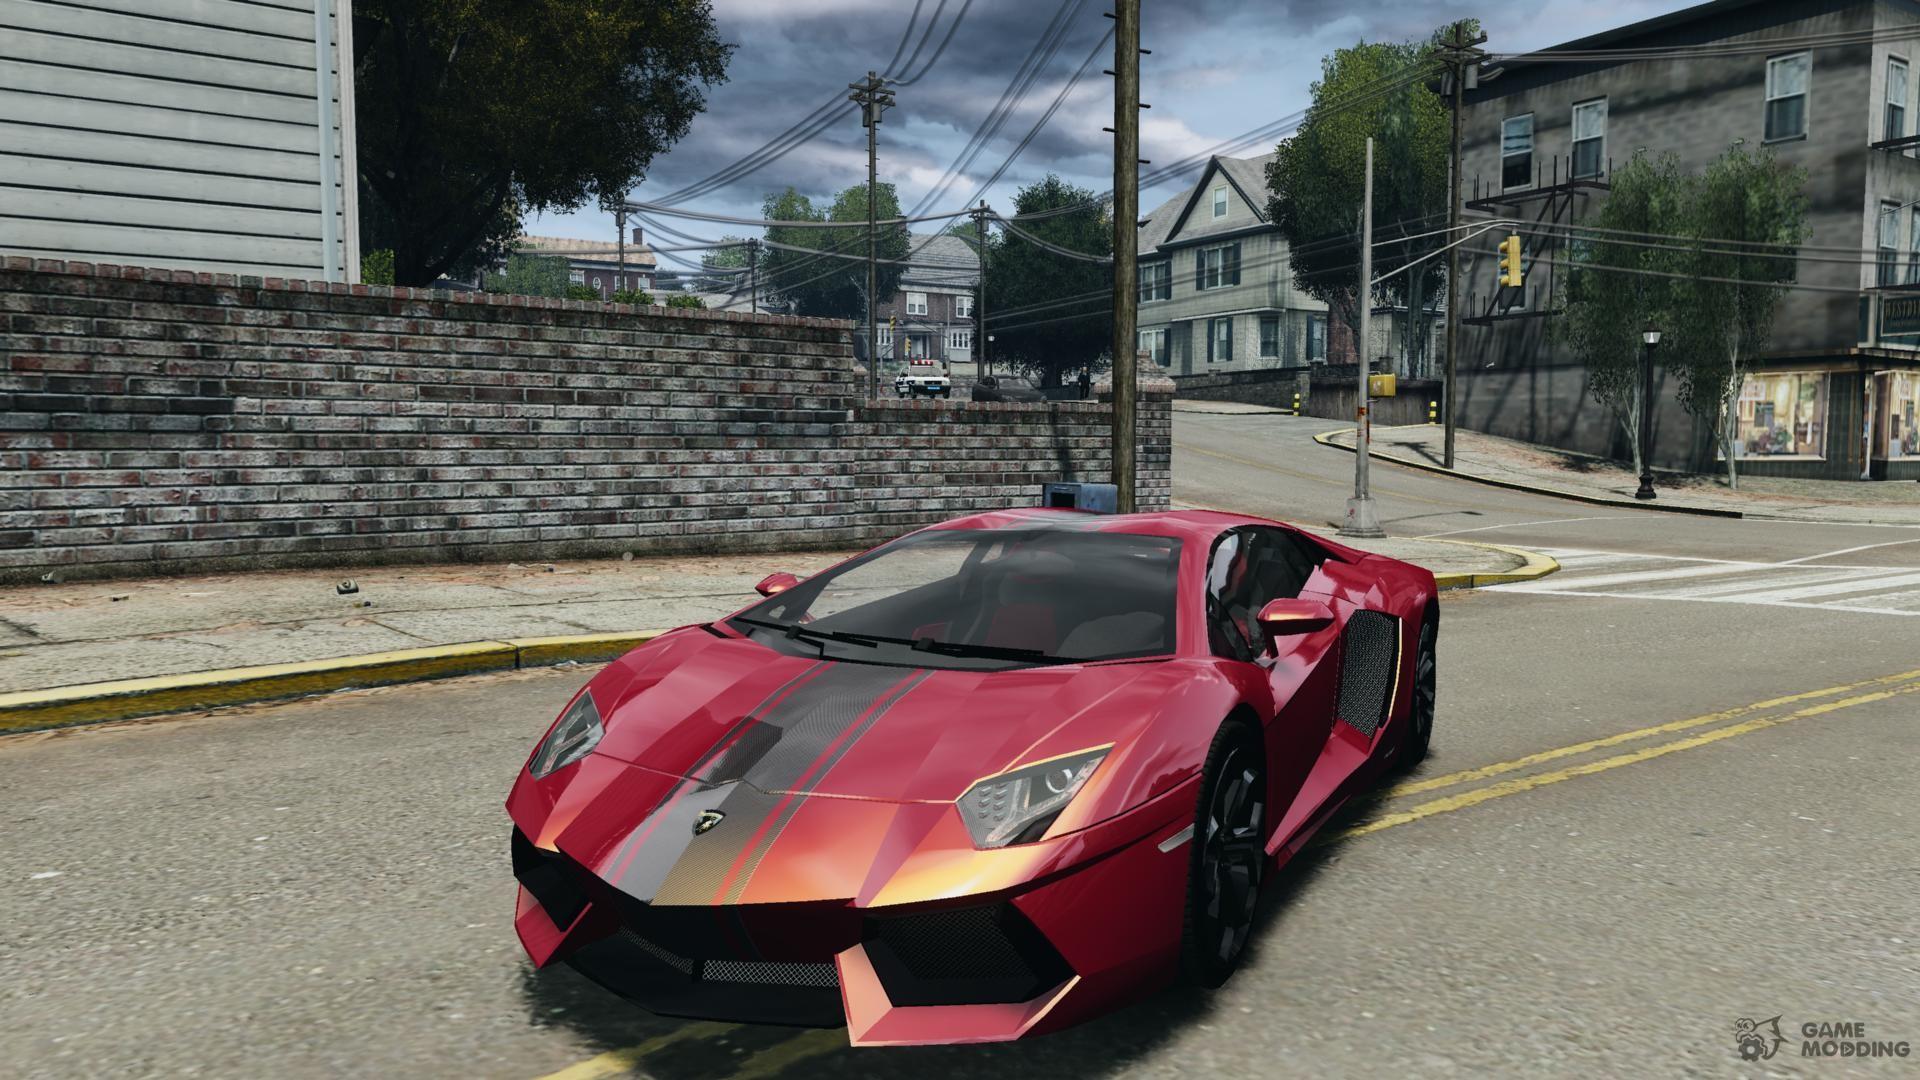 A Ed A A Df E Ddfba A Fa Cb Fd on Gta 5 Lamborghini Cheat